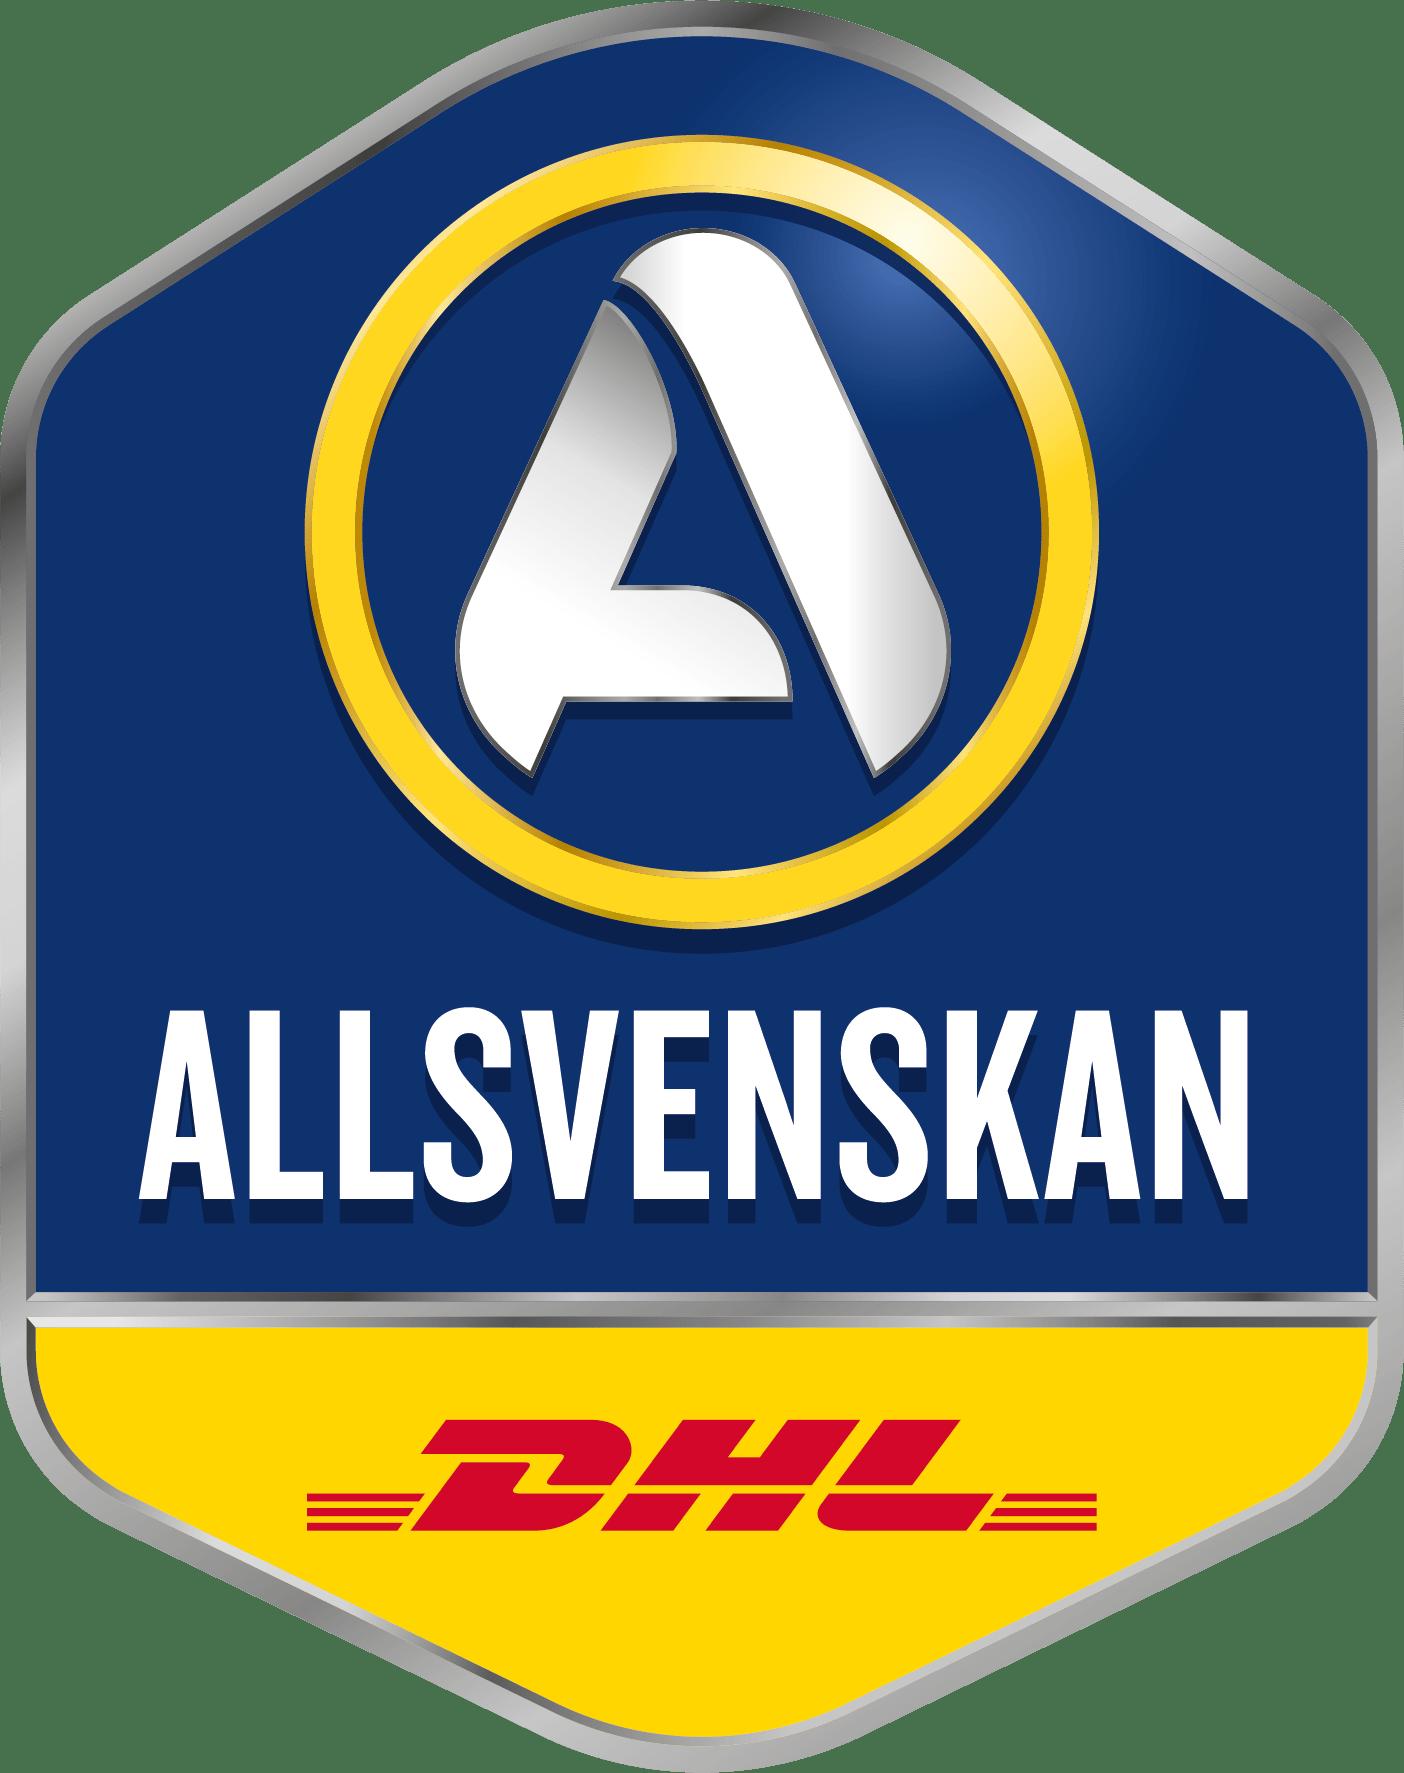 SEF_Allsvenskan_DHL_3D_Skild_CMYK.png